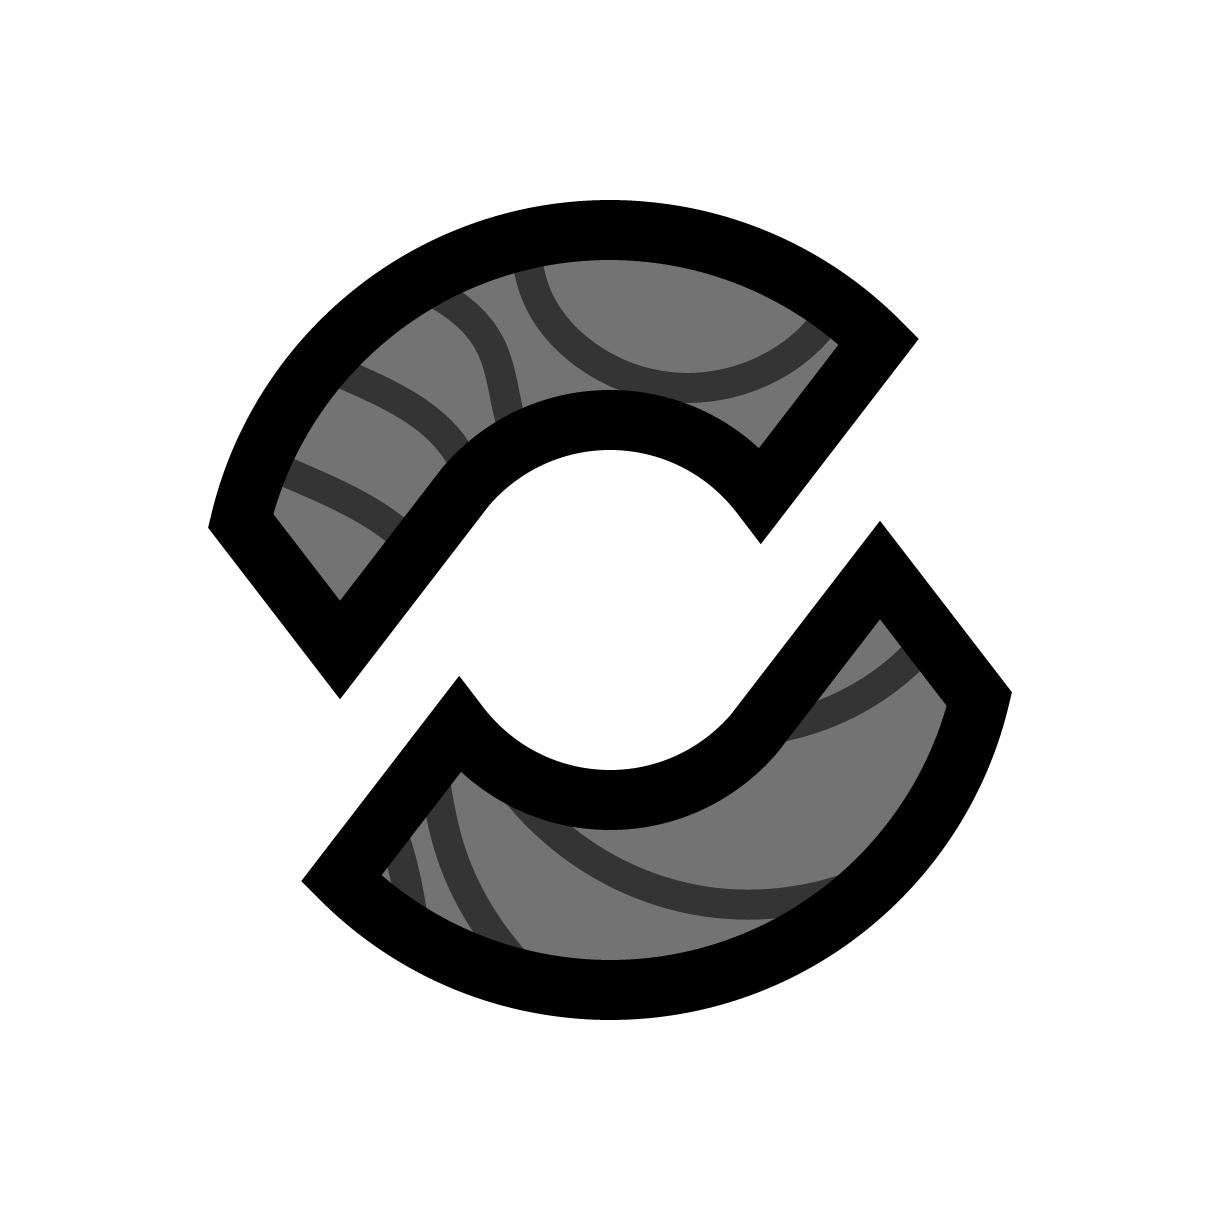 atlas_icon_sync-01